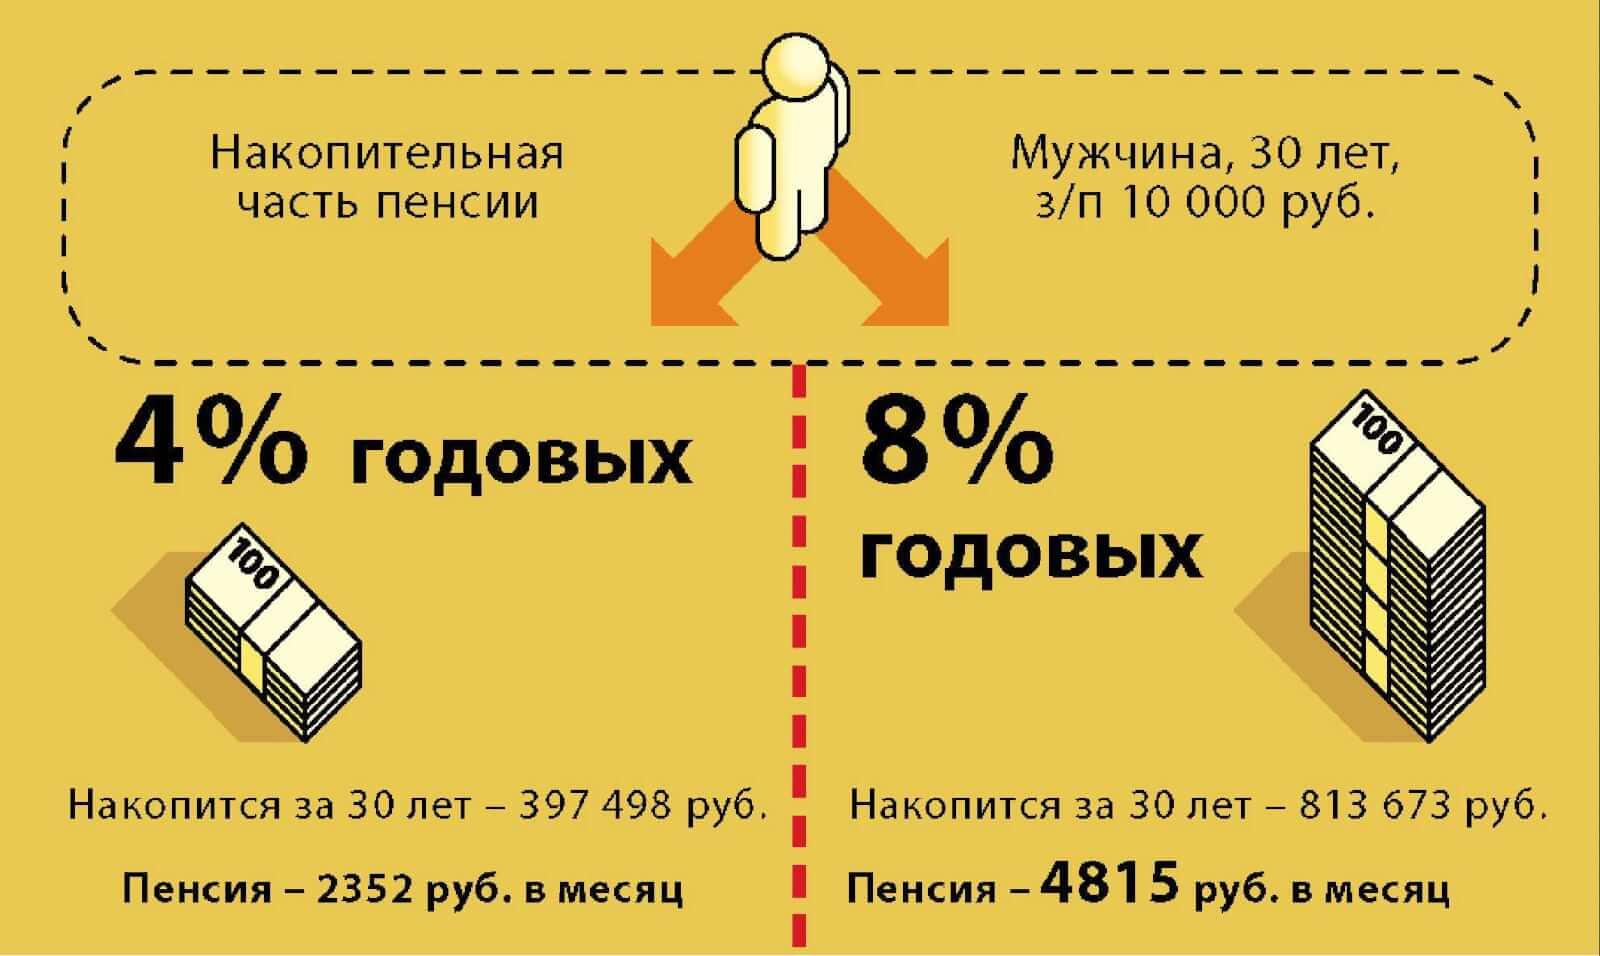 узнать сколько до пенсии вообще